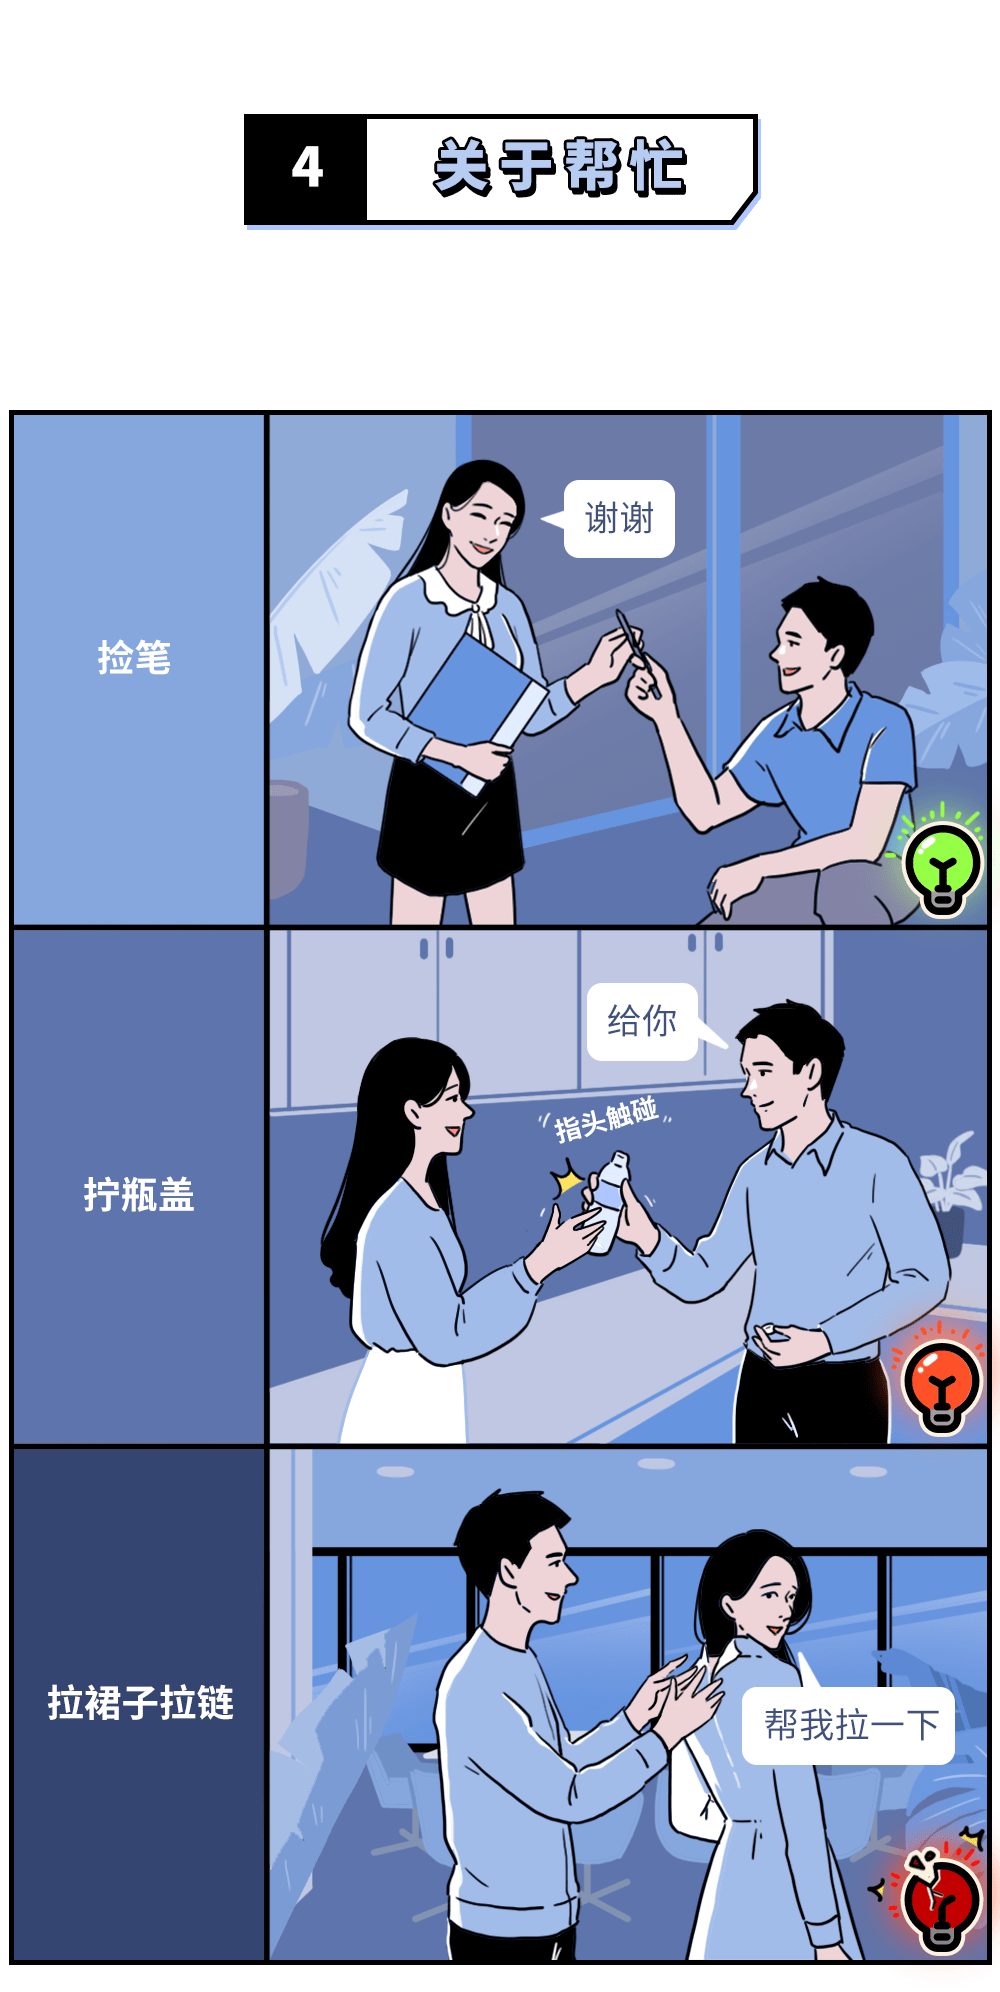 异性肢体接触尺度等级 第一次亲密接触的过程